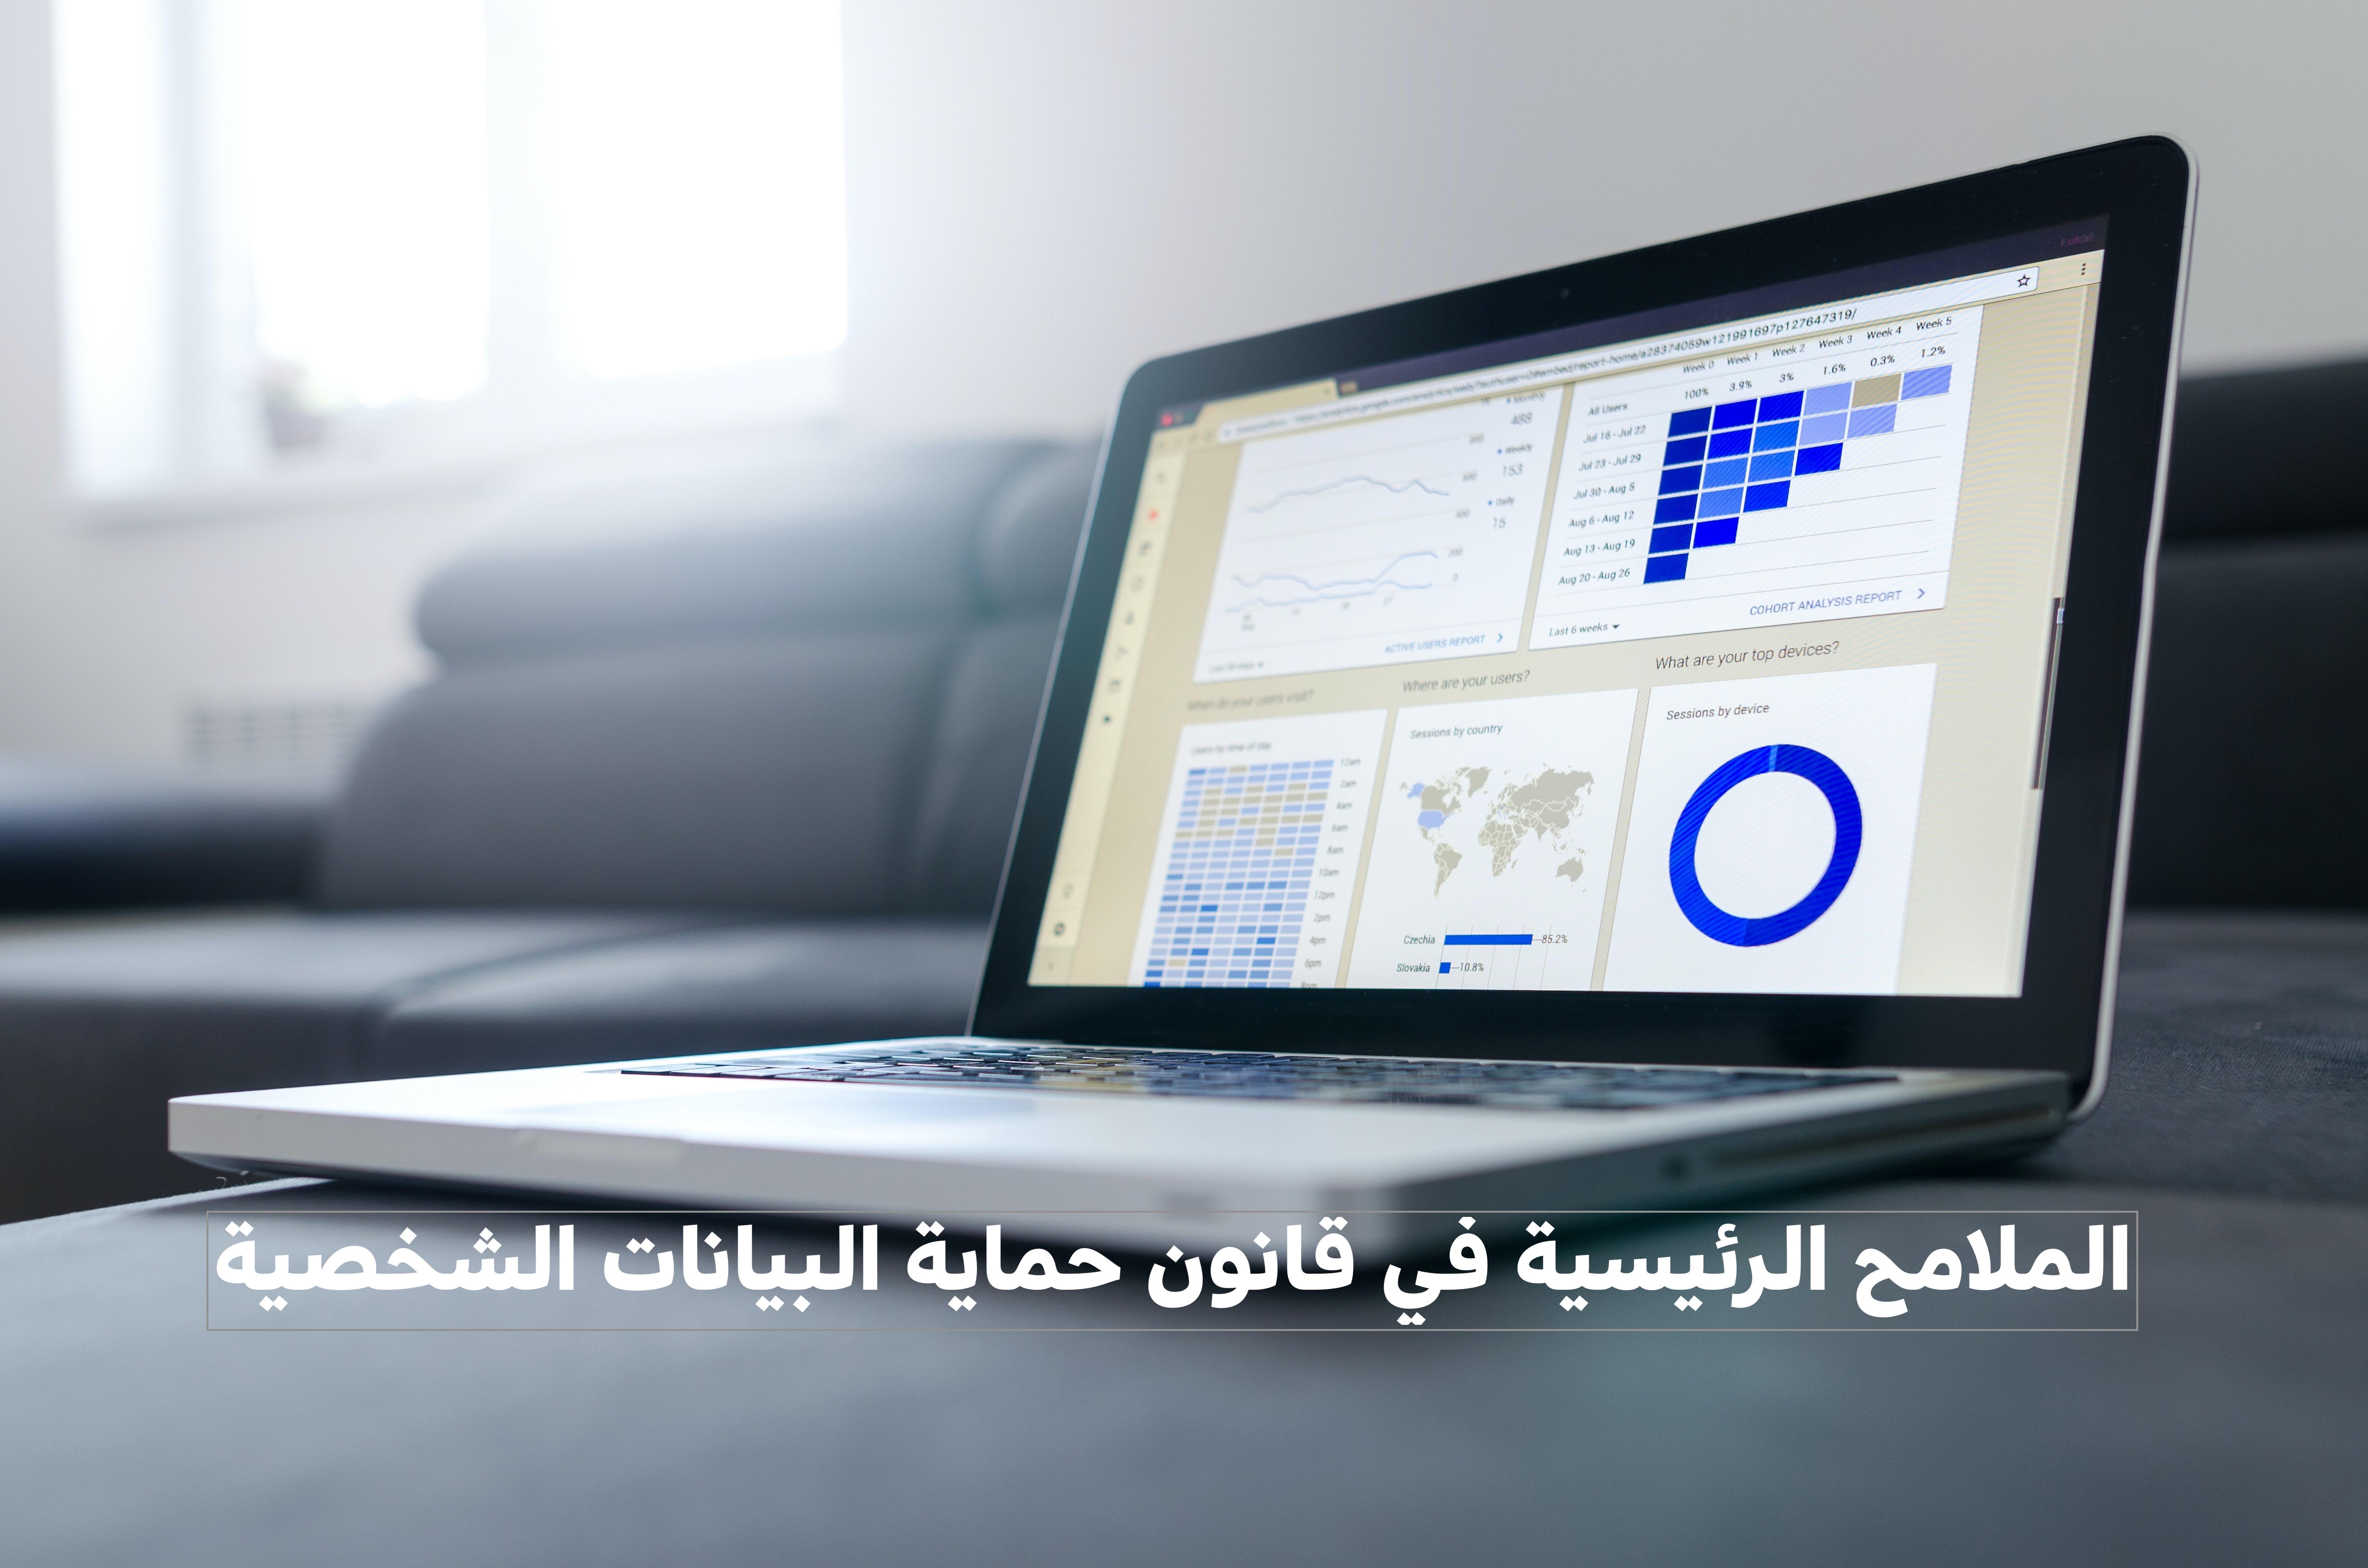 الملامح الرئيسية في قانون حماية البيانات الشخصية